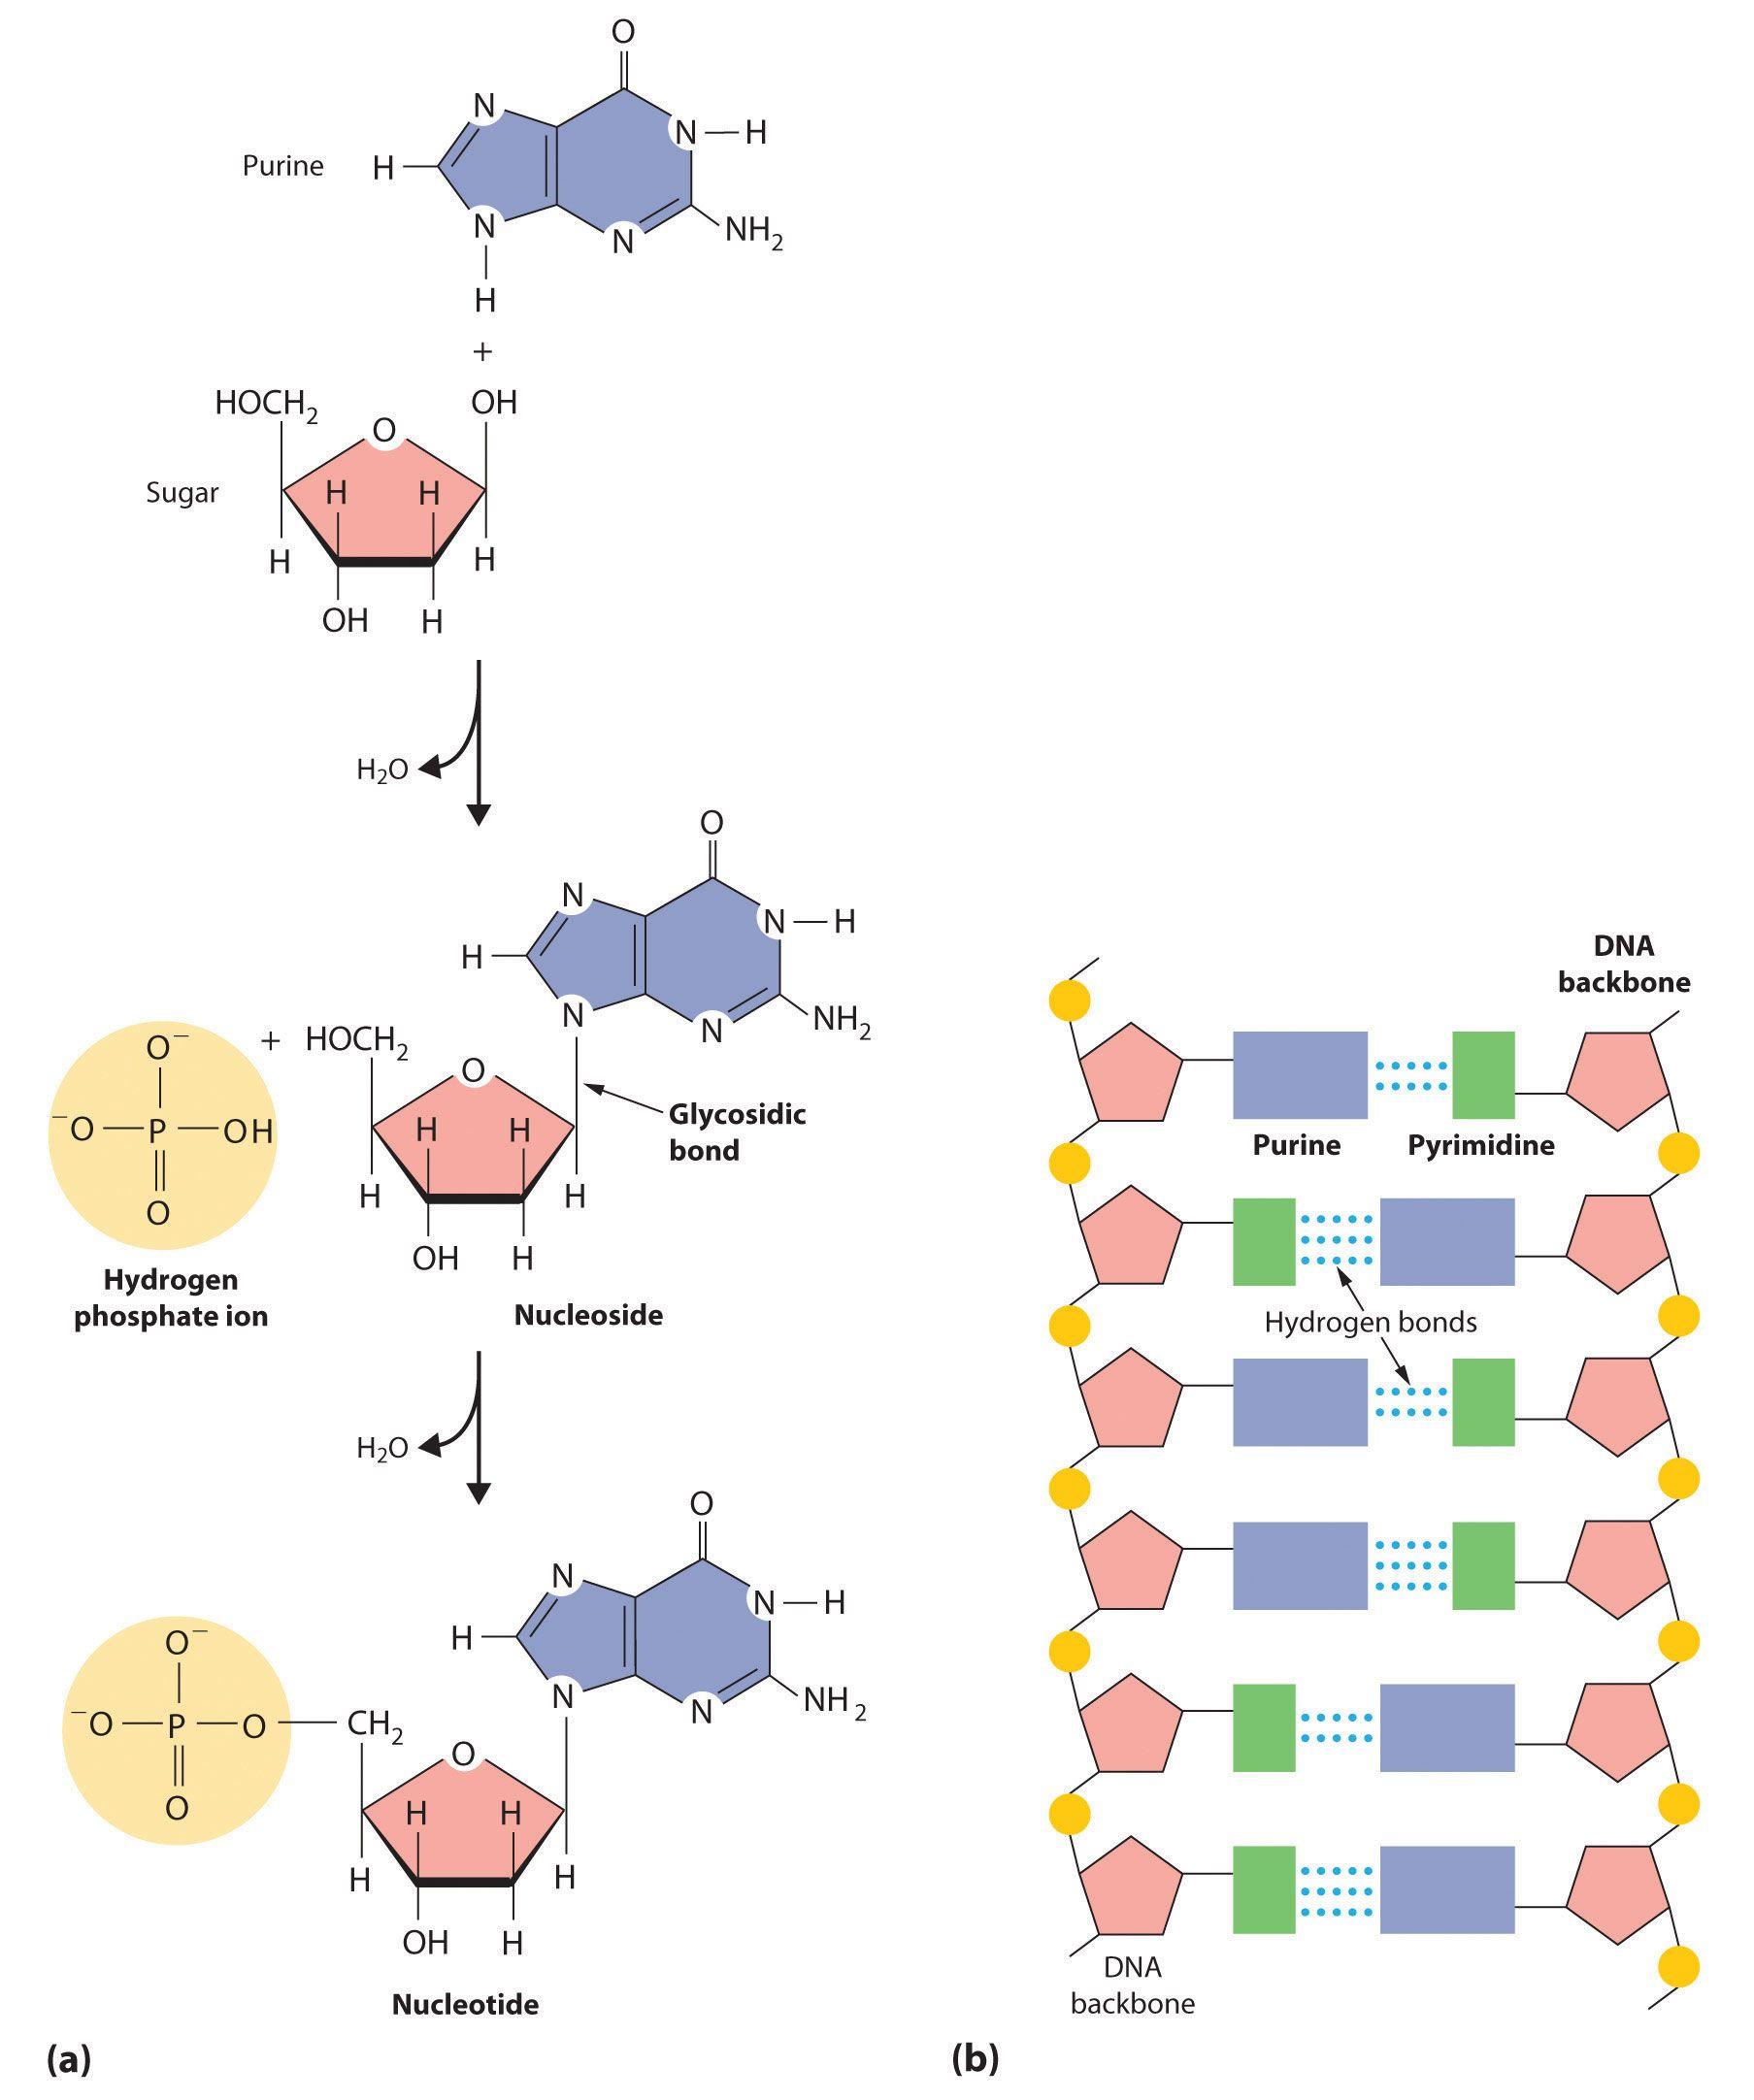 worksheet Molecules Of Life Worksheet the molecules of life awesome diagrams macromolecules macromolecules